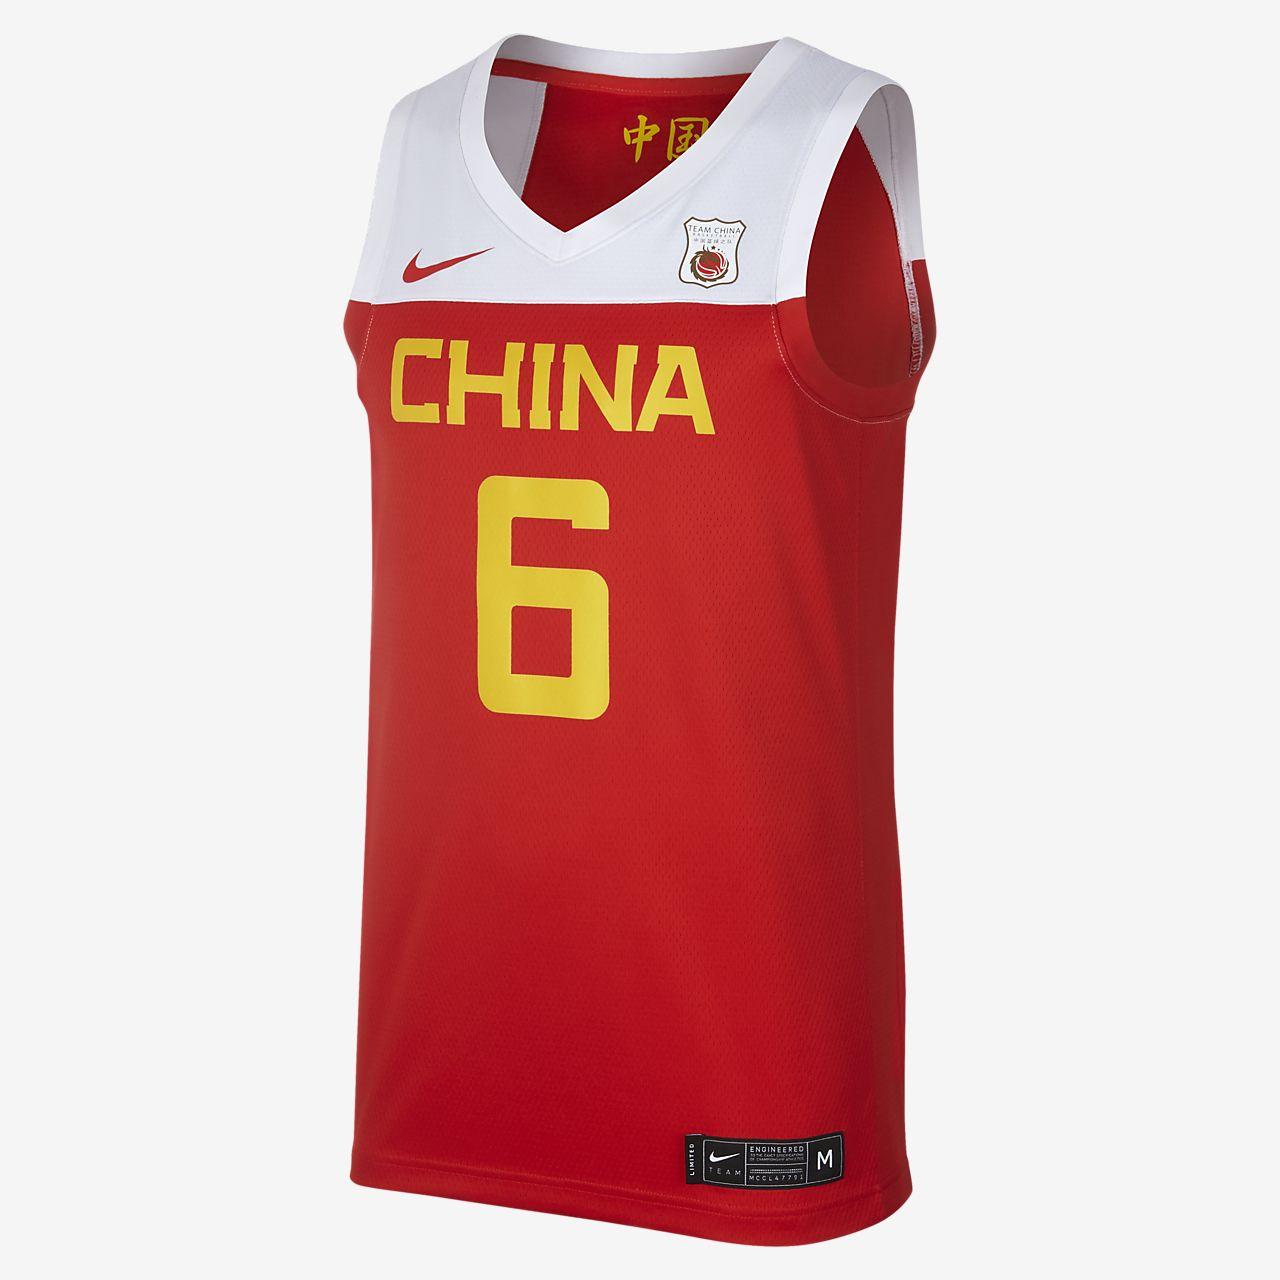 Nike 中国队(客场)男子篮球球衣